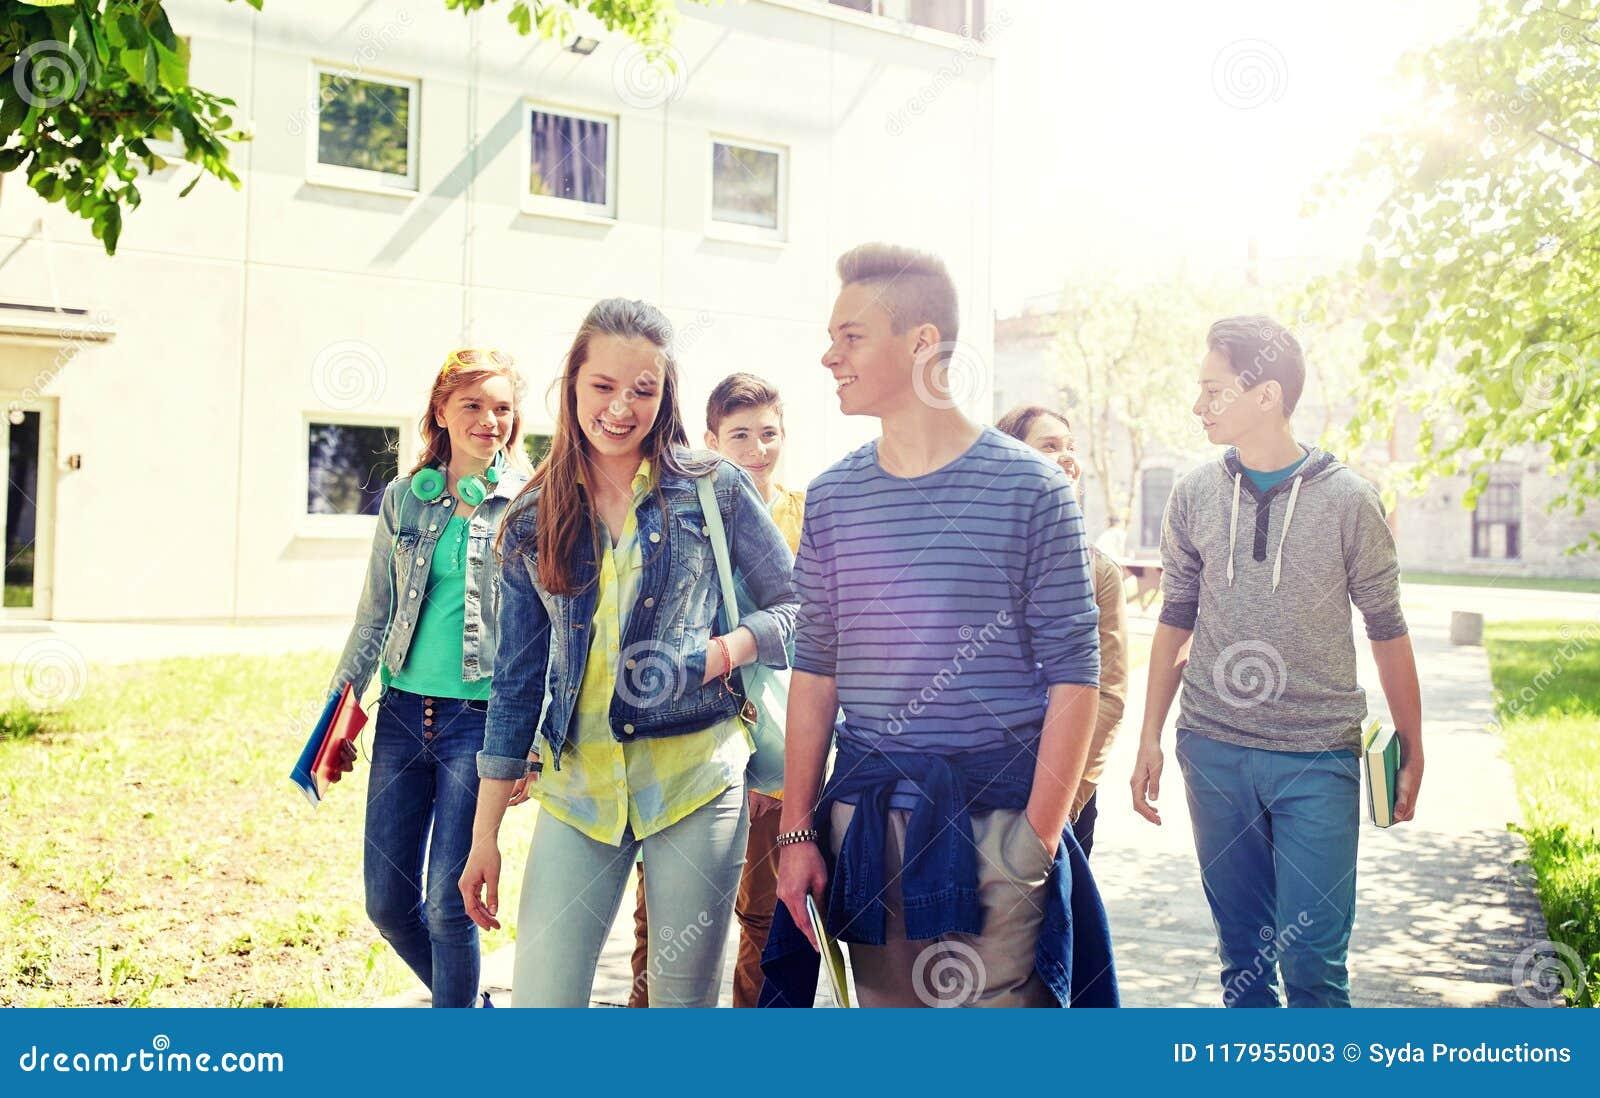 Groupe d étudiants adolescents heureux marchant dehors